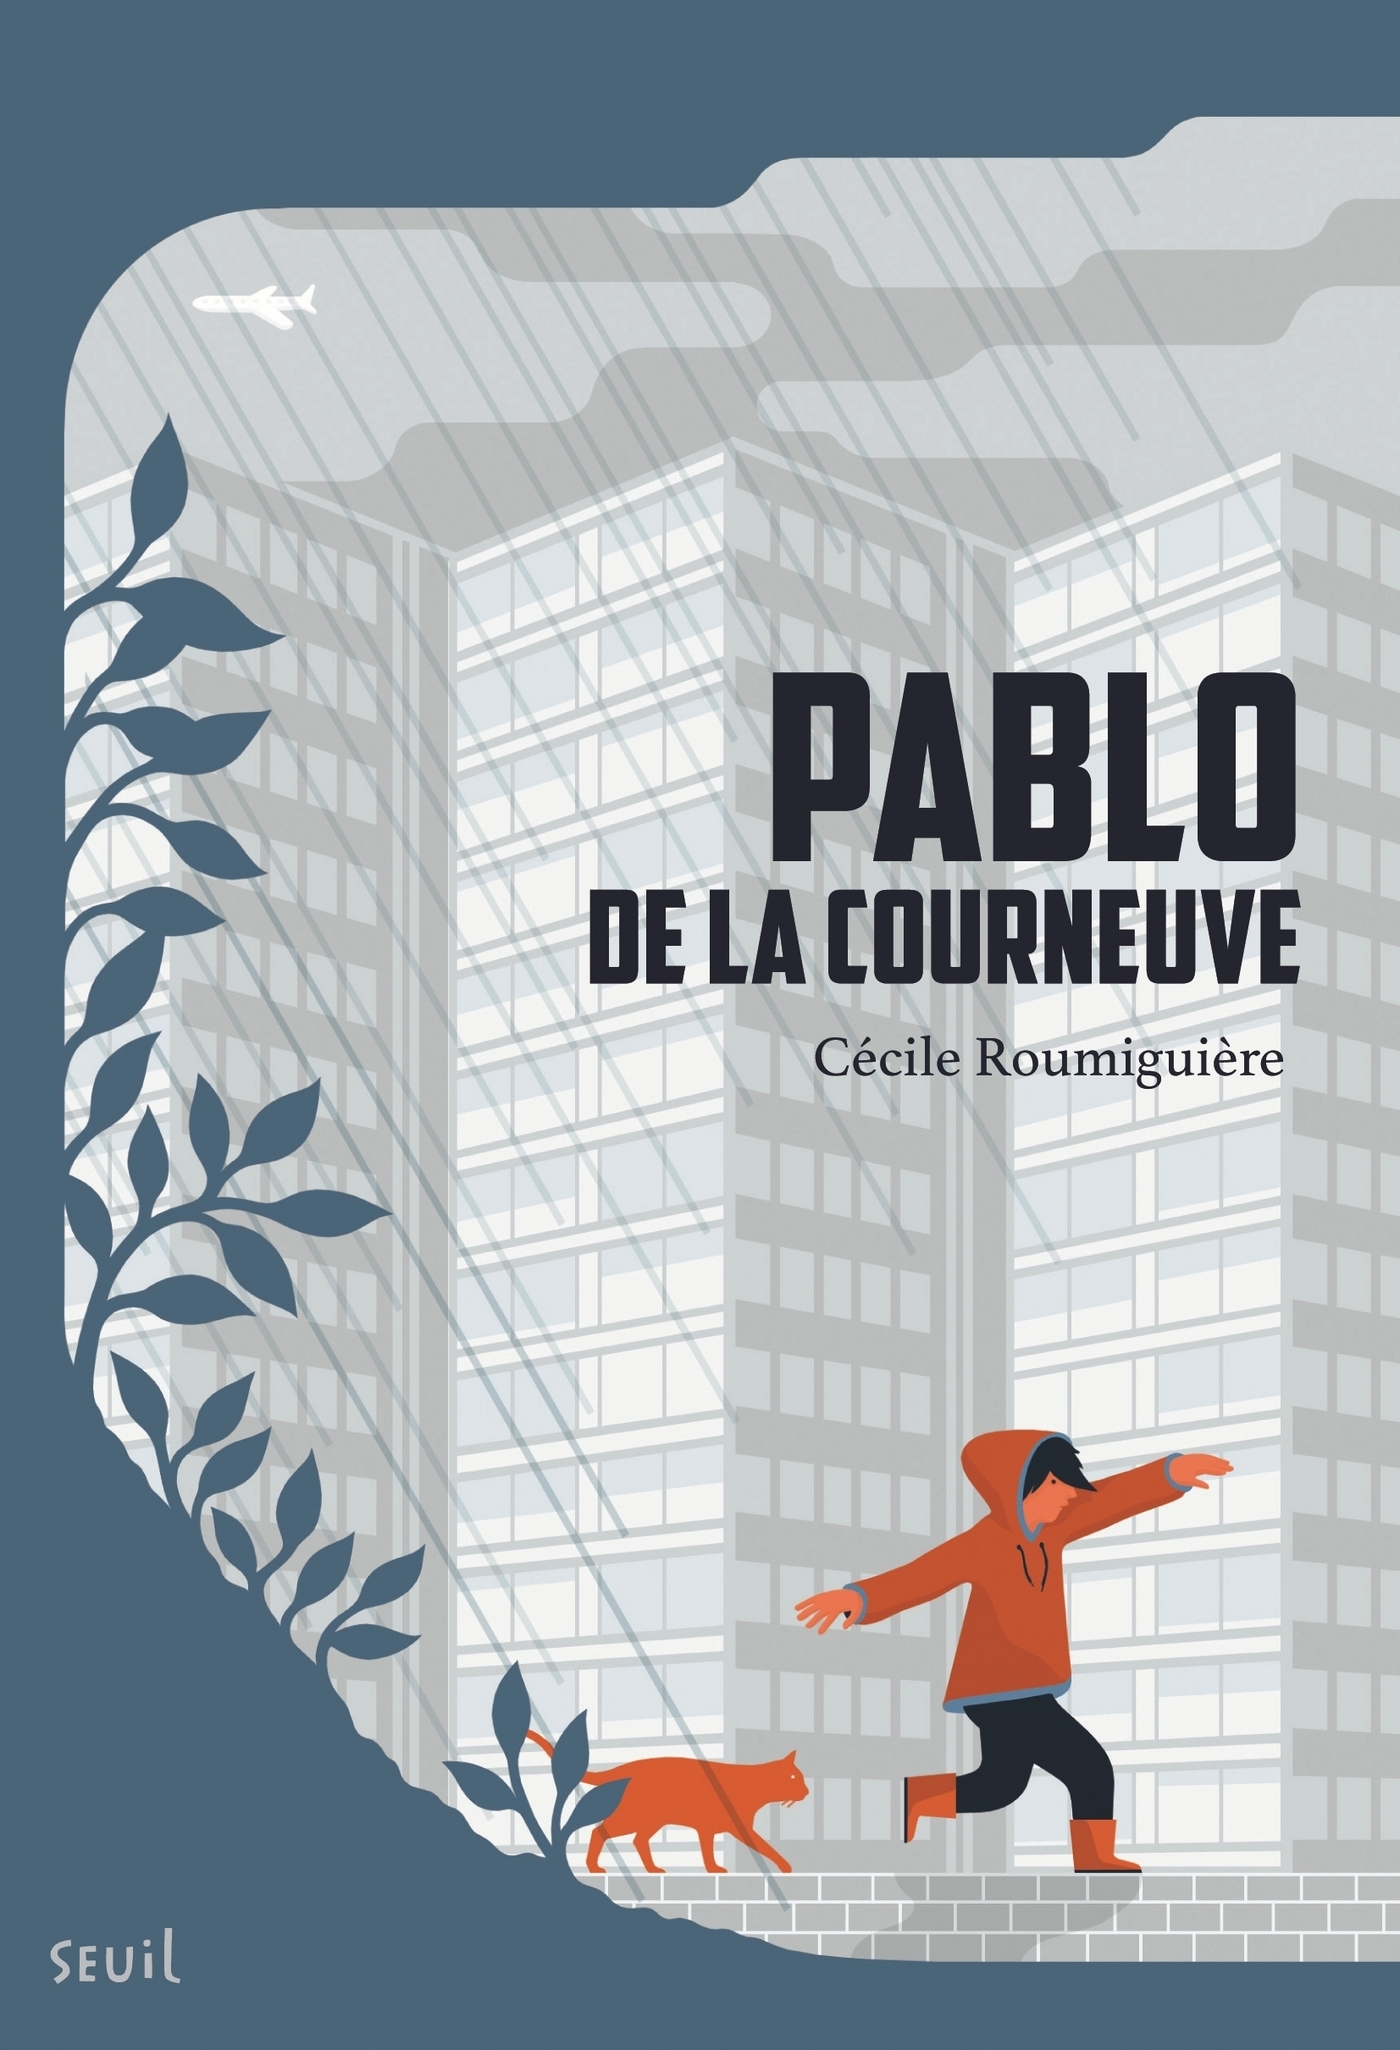 Pablo de la Courneuve |